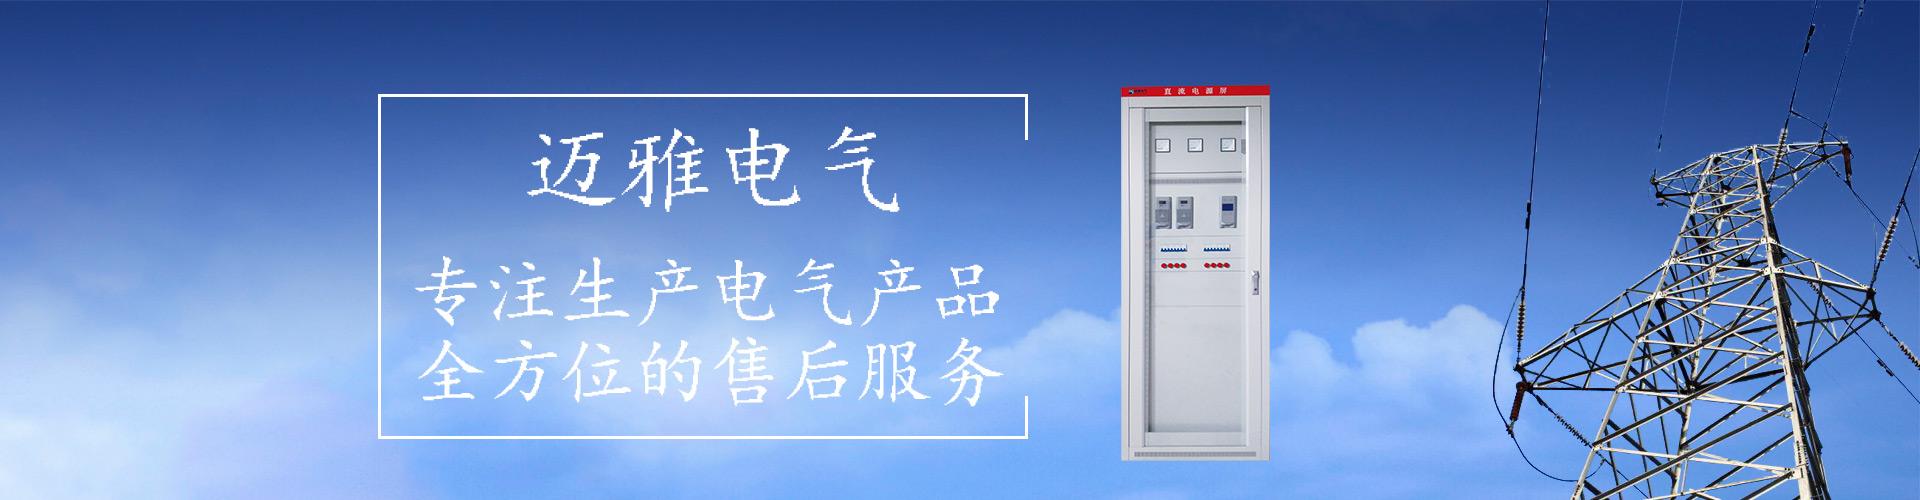 直流电源屏、分布式直流电源、ups电源厂家